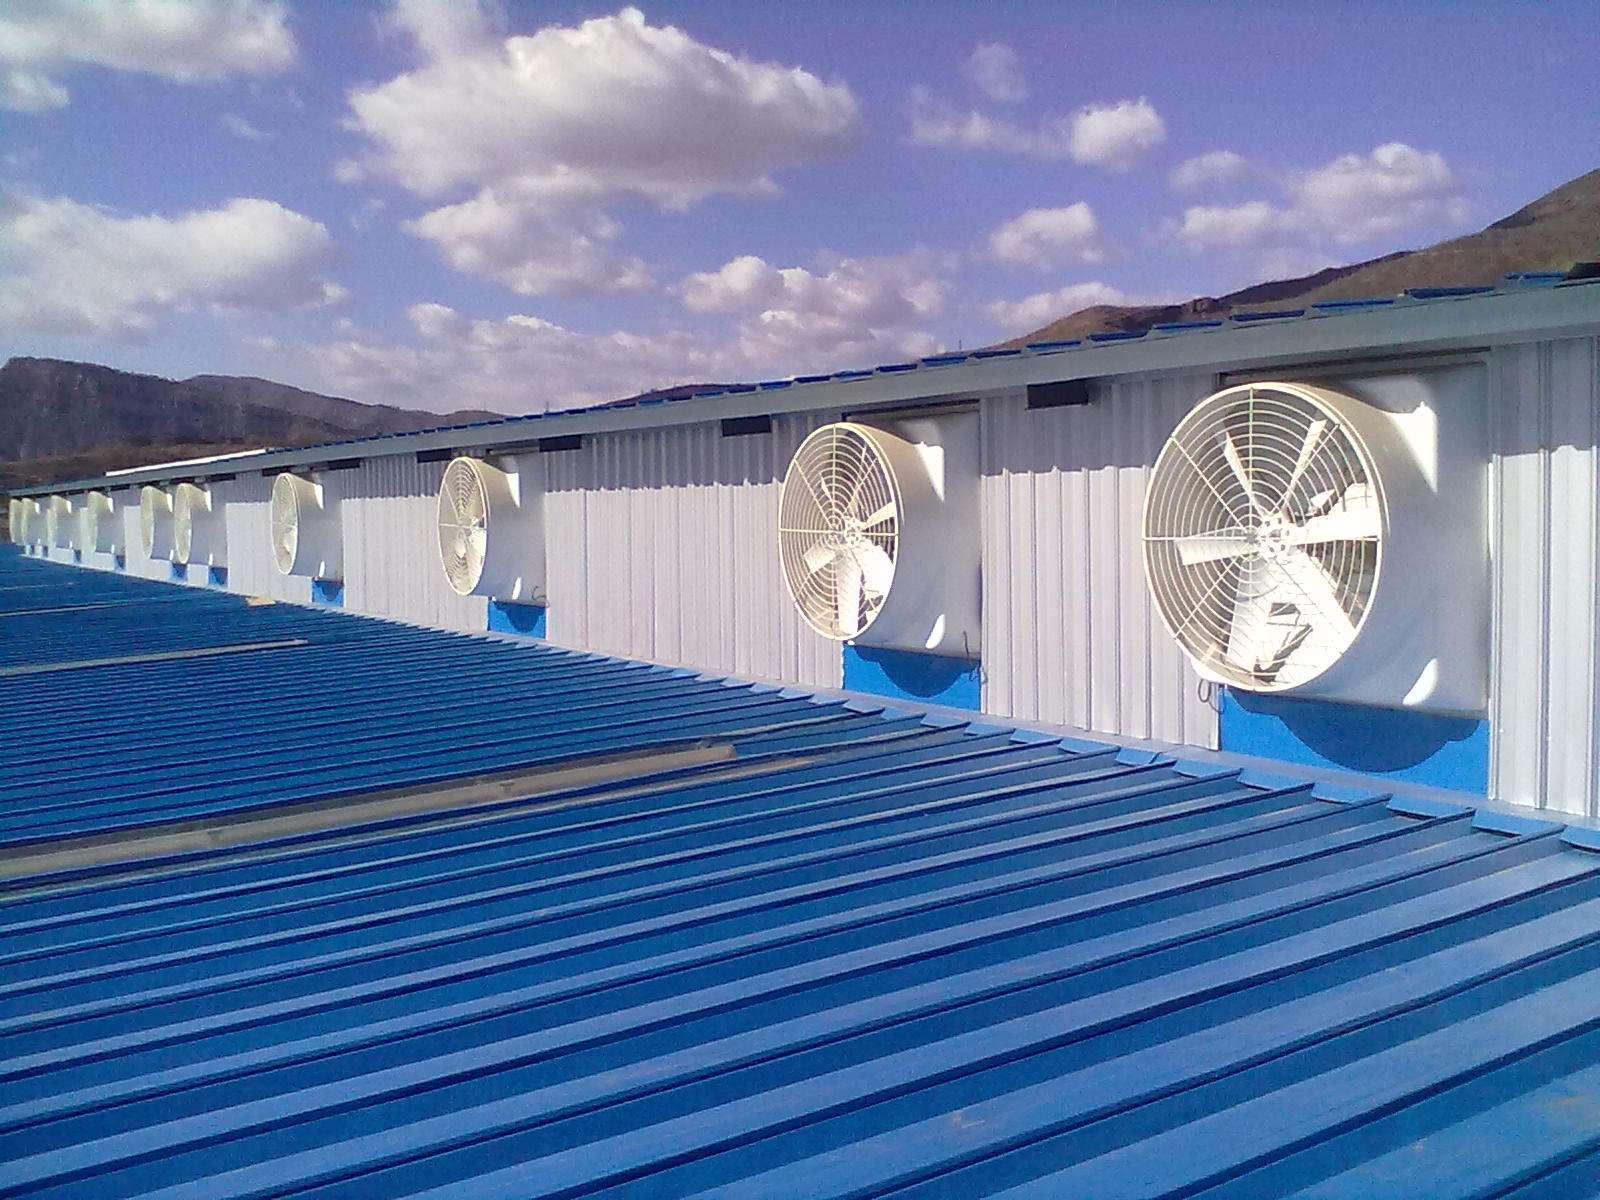 通风设备之负压风机的工作原理与安装方法是怎样的?